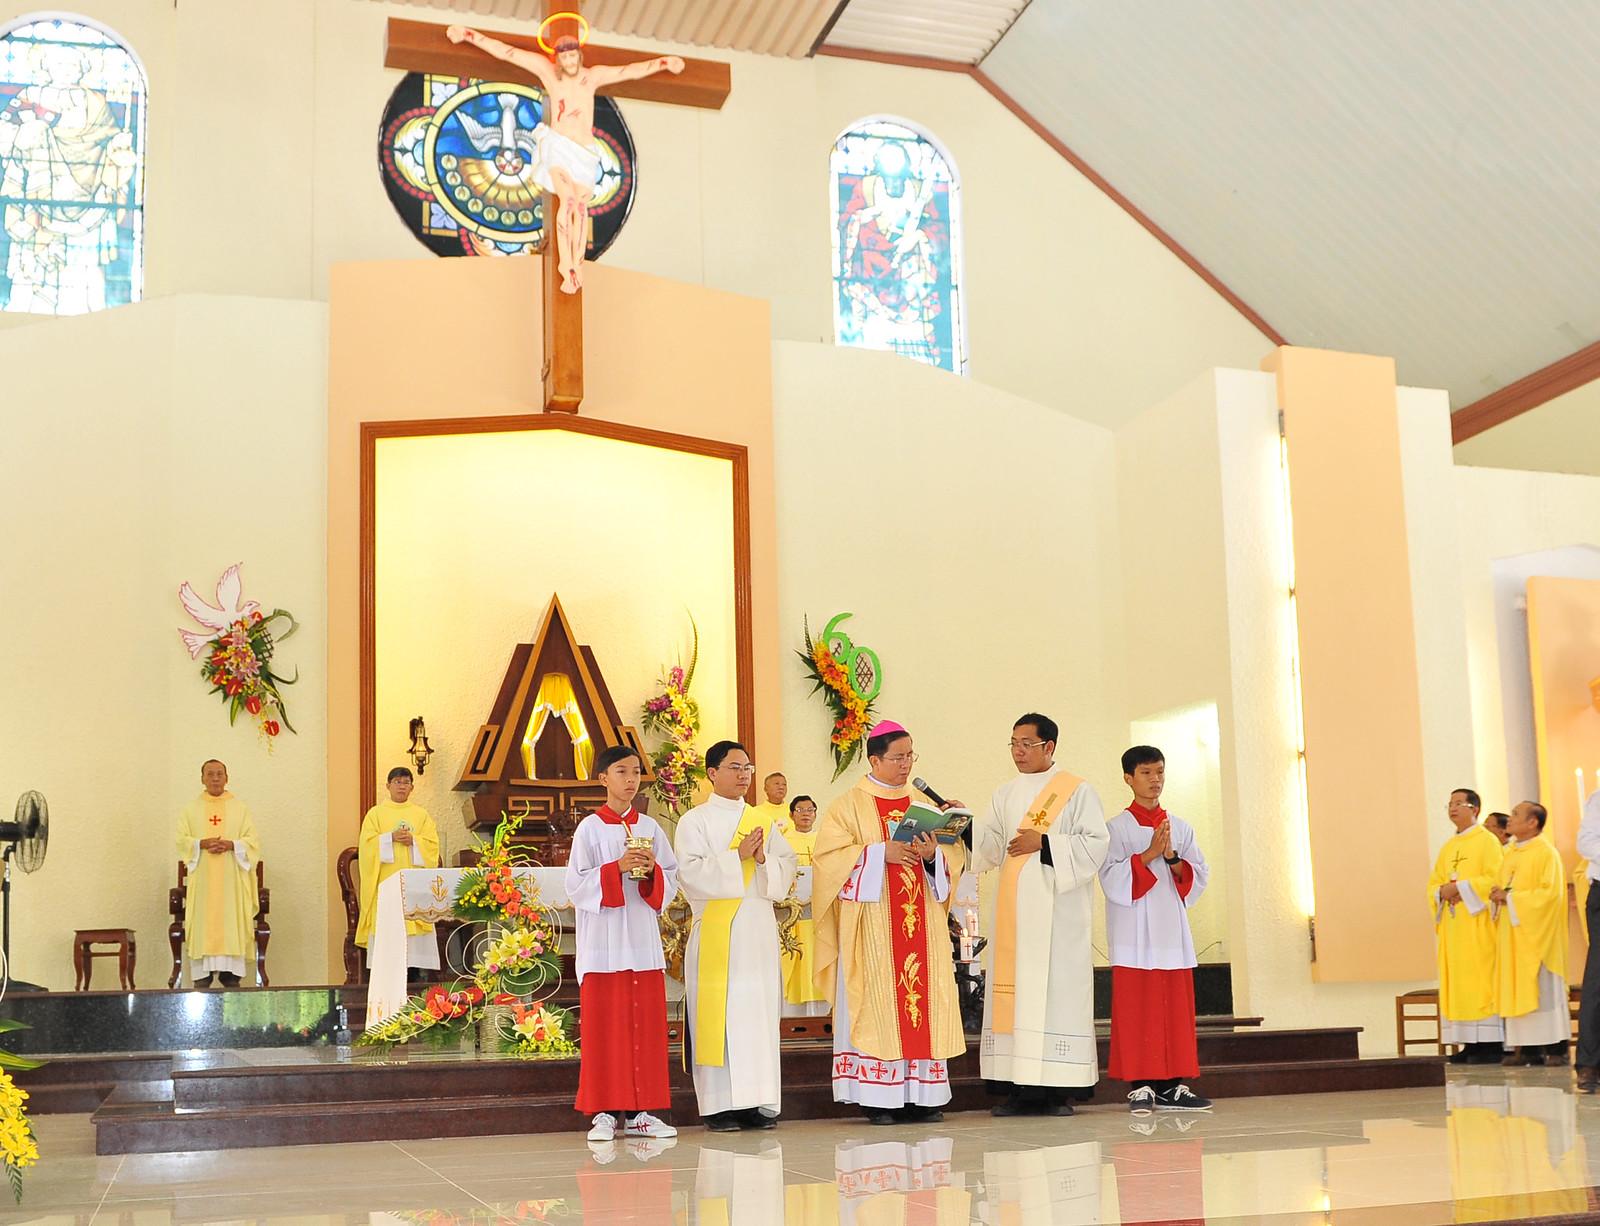 Giáo Xứ Cao Xá - Gp. Phú Cường: Đại Lễ Mừng Bổn Mạng Và 60 Năm Hồng Ân